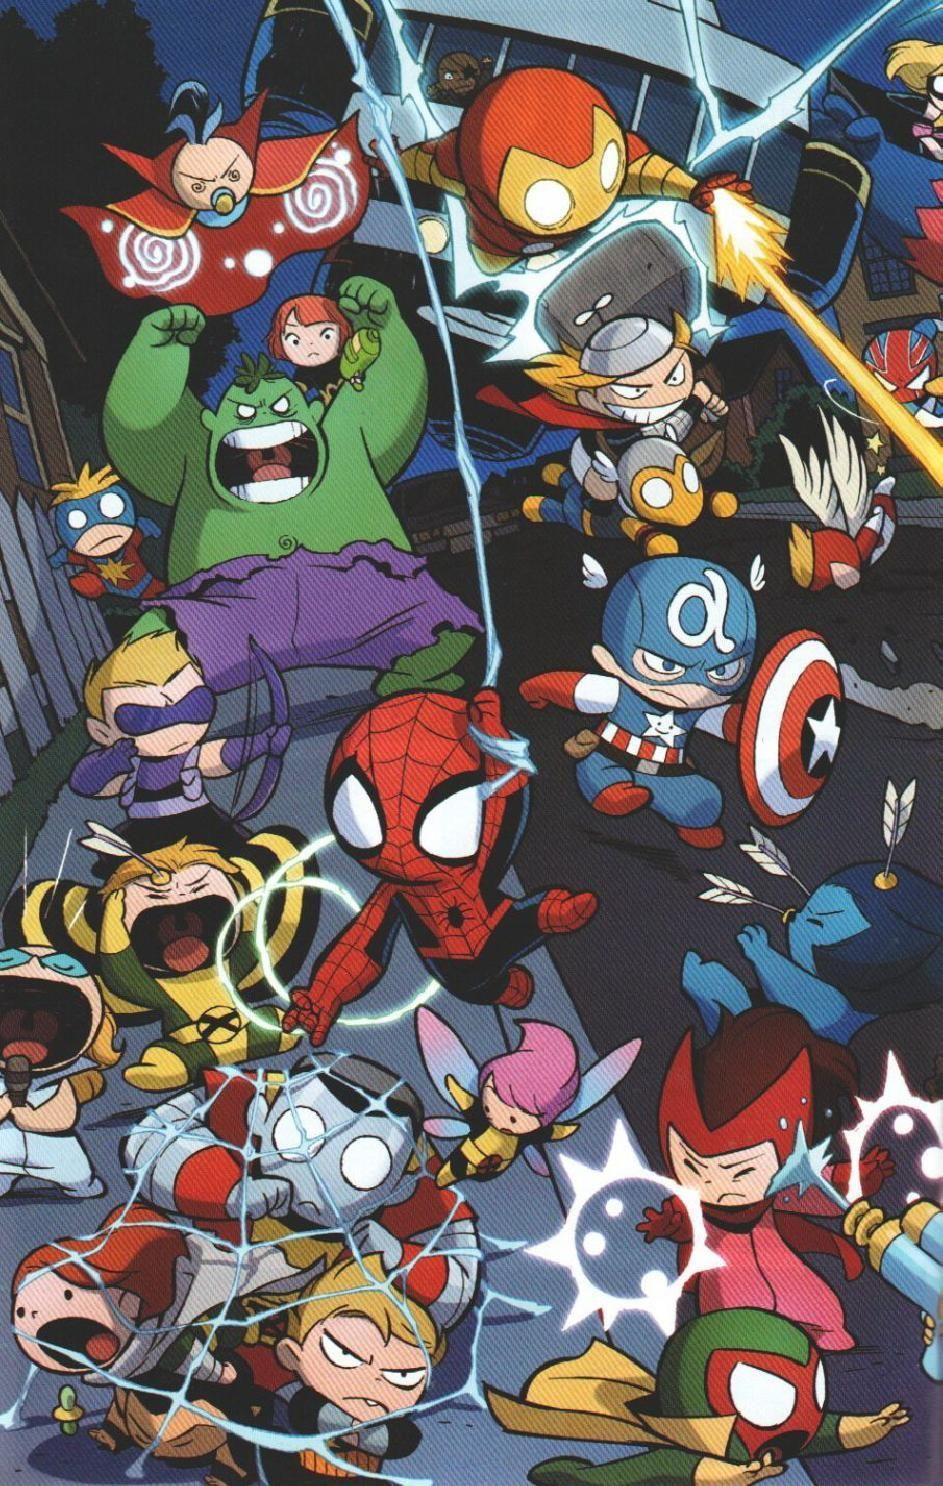 Vvsx 40 Vs 6 Por Spiderman2099 Crg Avengers Wallpaper Marvel Wallpaper Marvel Comics Wallpaper